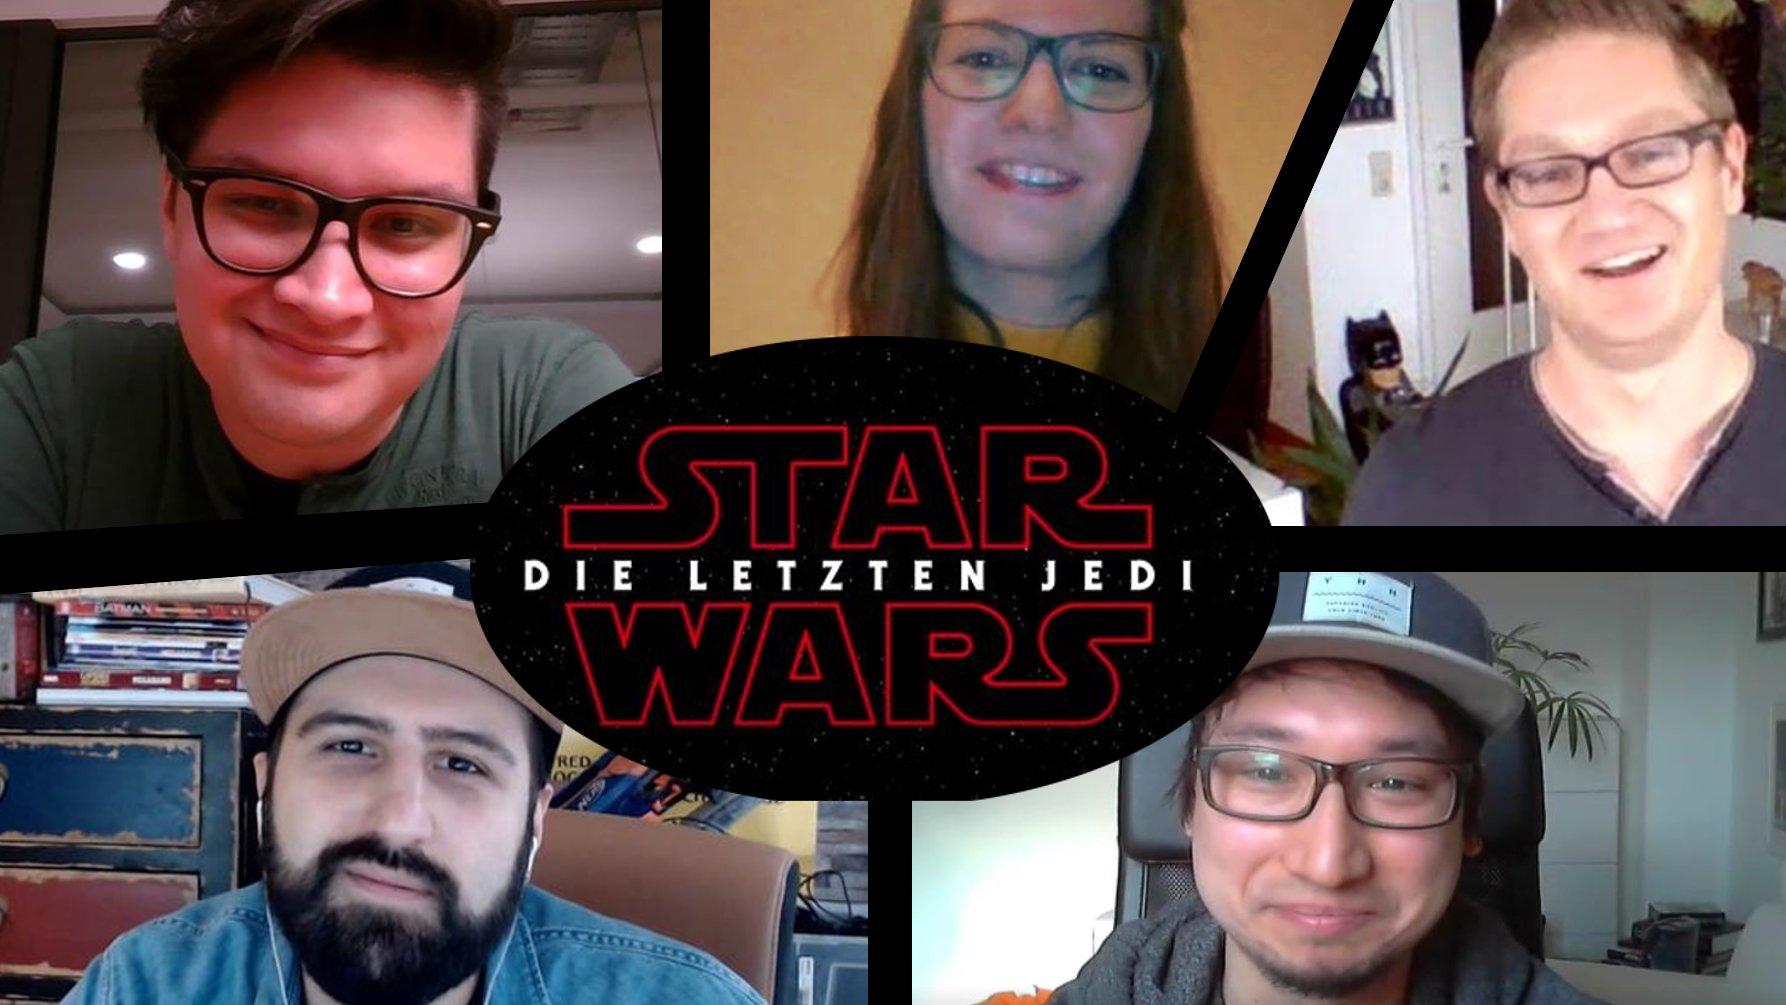 Faszination Star Wars: Warum Fans die Filme so sehr lieben